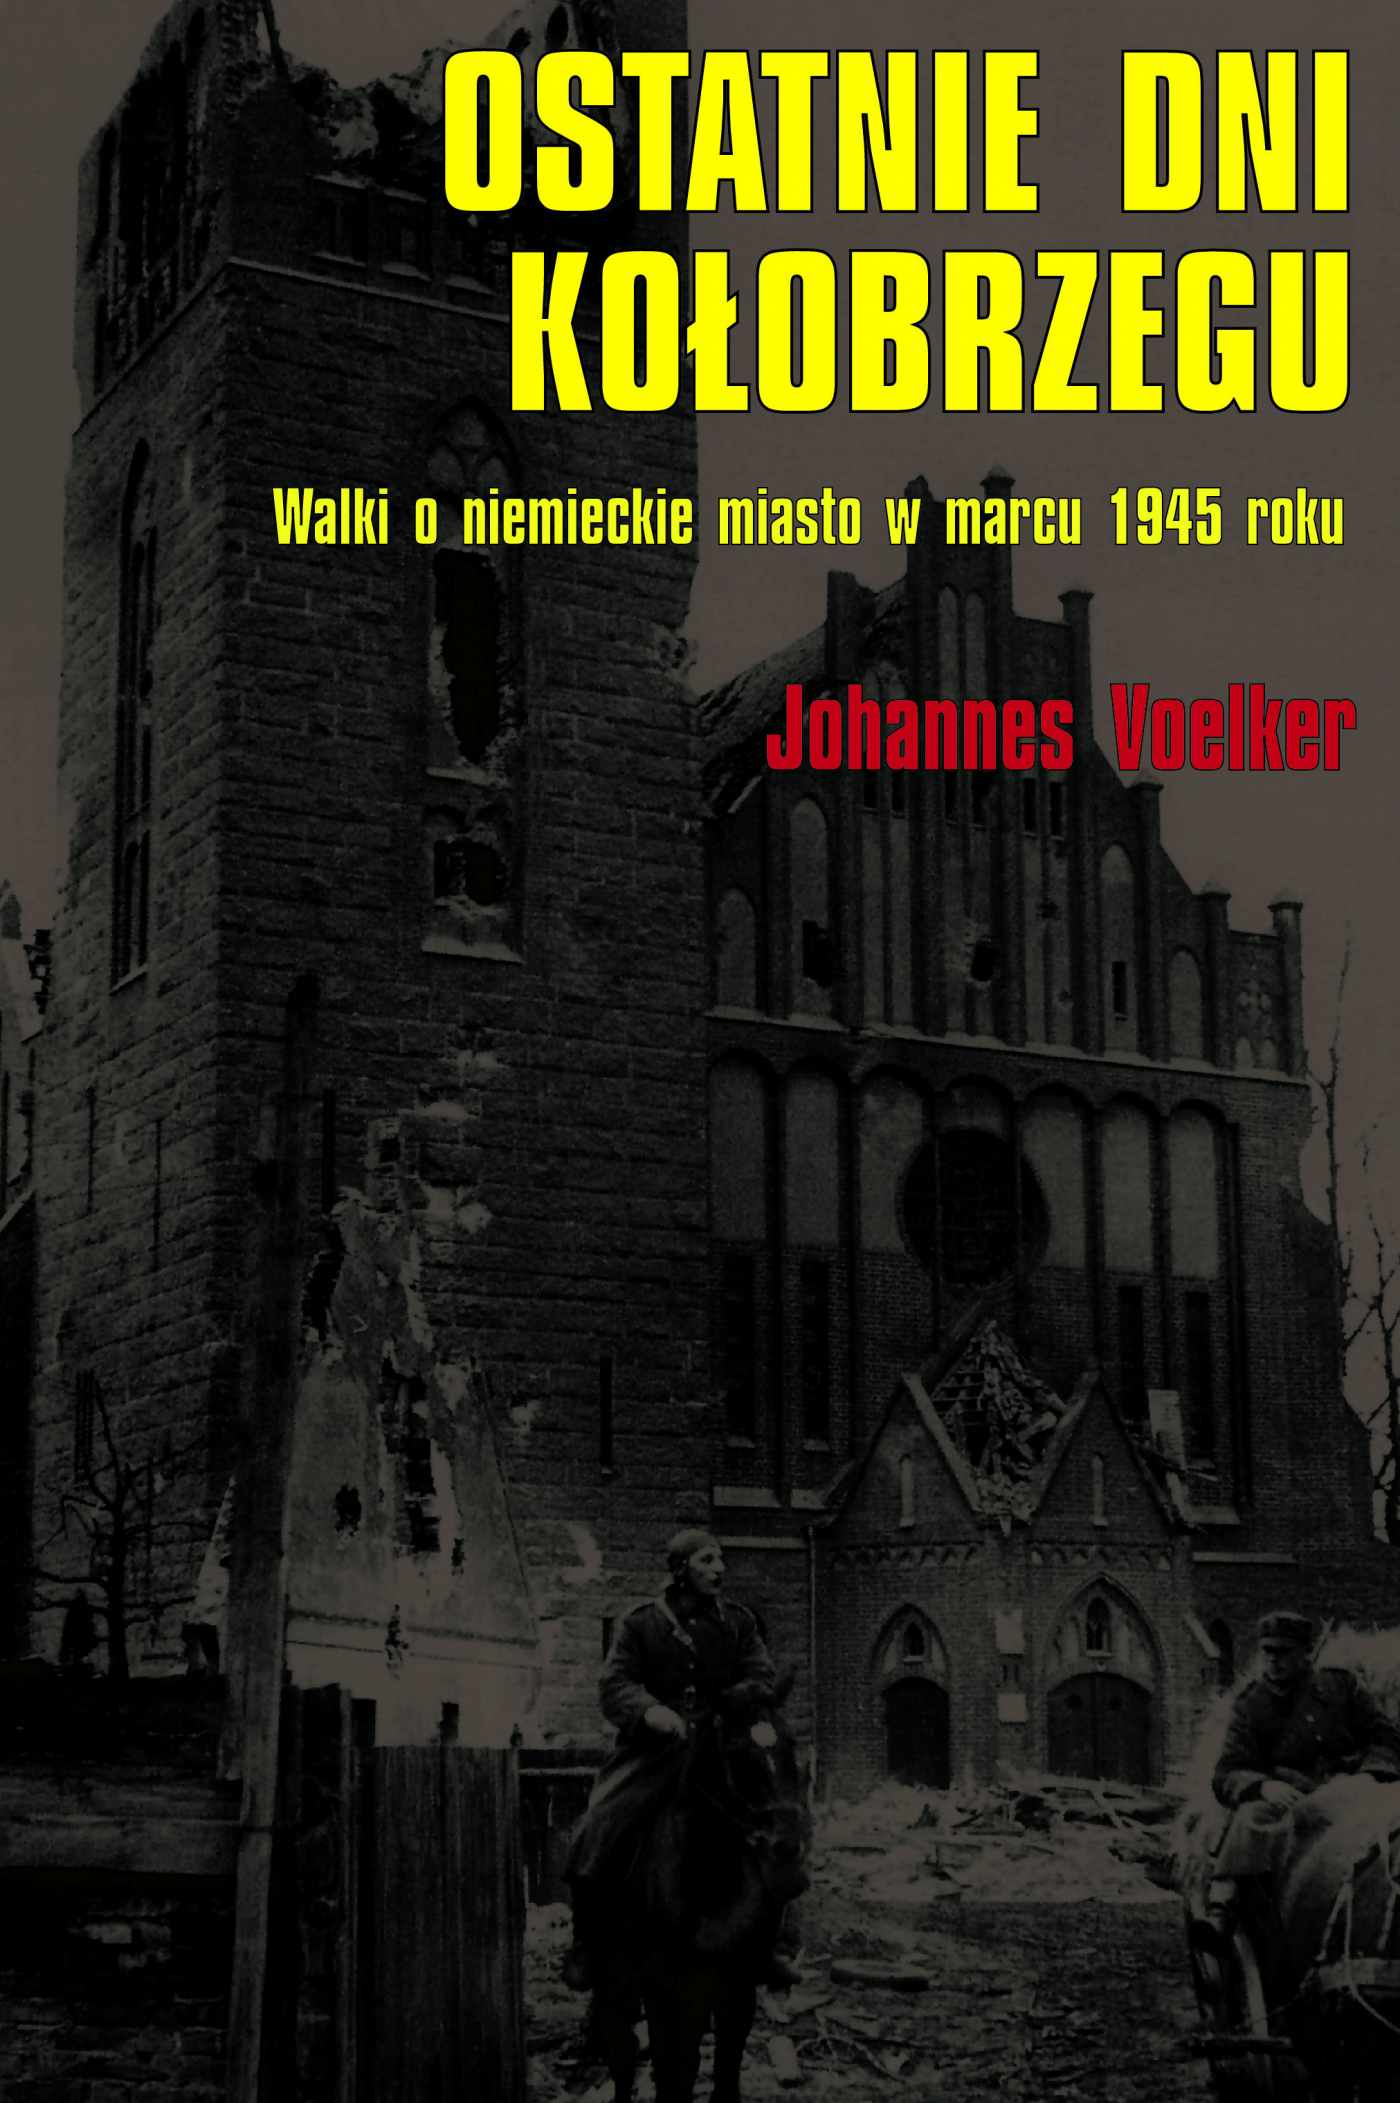 Ostatnie dni Kołobrzegu. Walki o niemieckie miasto w marcu 1945 roku - Ebook (Książka EPUB) do pobrania w formacie EPUB